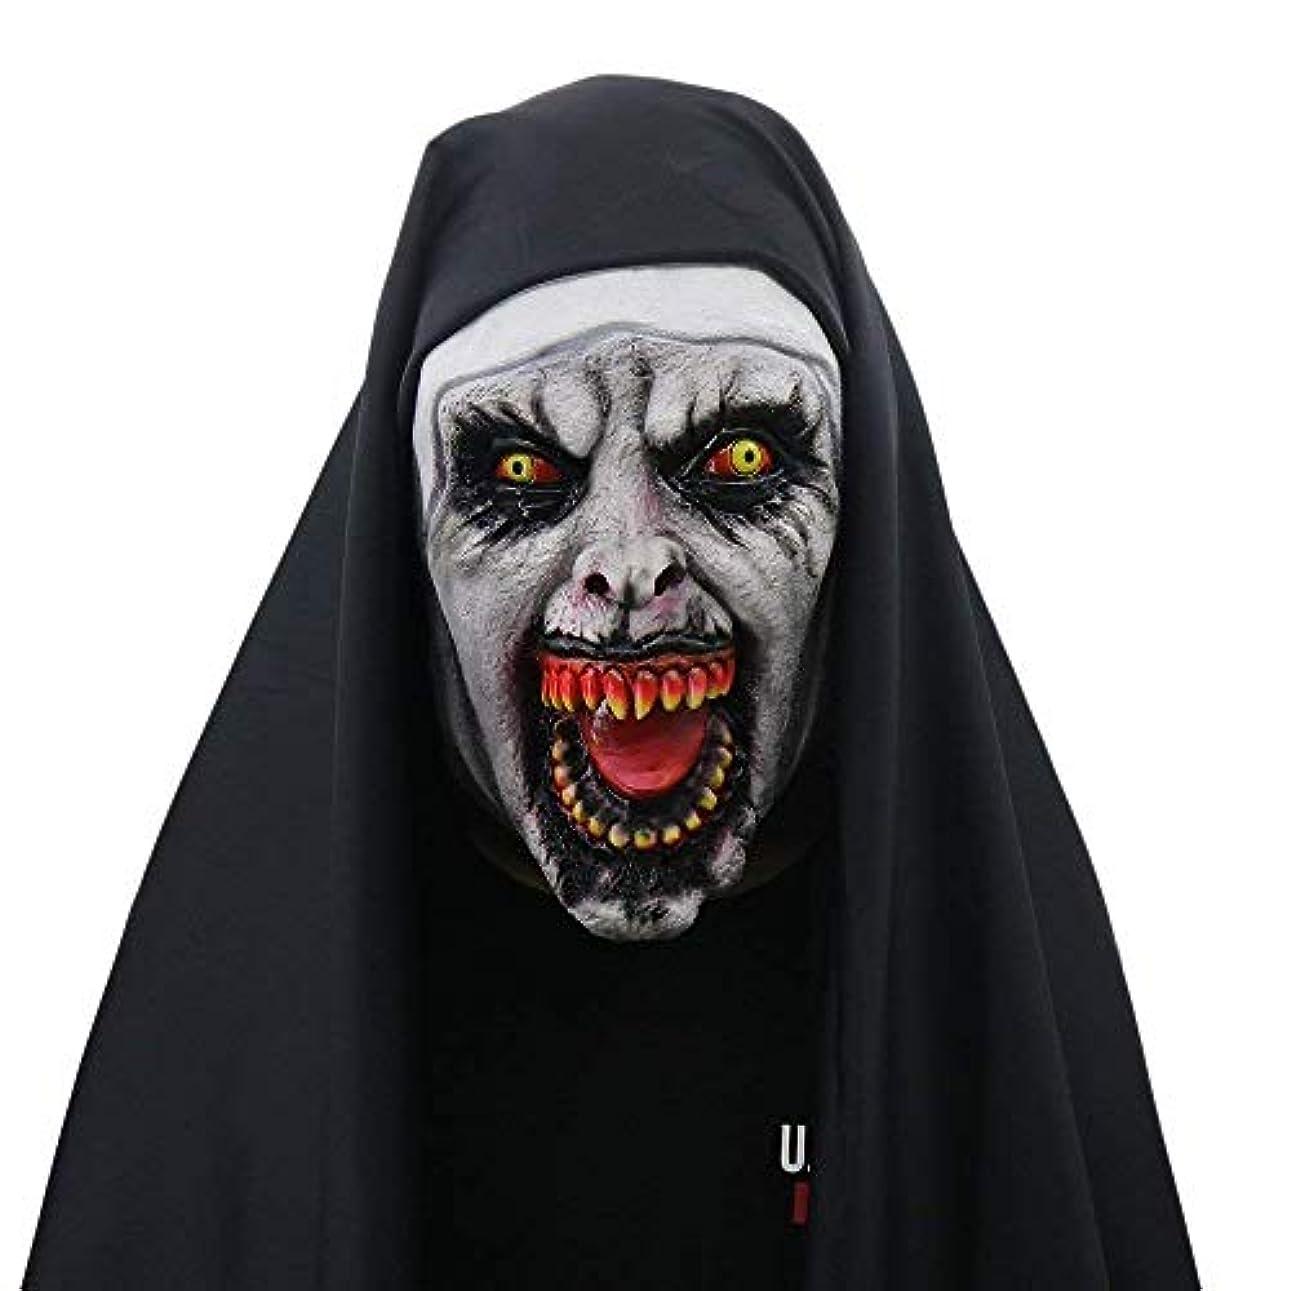 効率的に予防接種予防接種ハロウィン修道女マスク、ホラー怖い女性ゴースト整頓パーティー用品ゾンビマスク27 * 28 cm (Color : A)